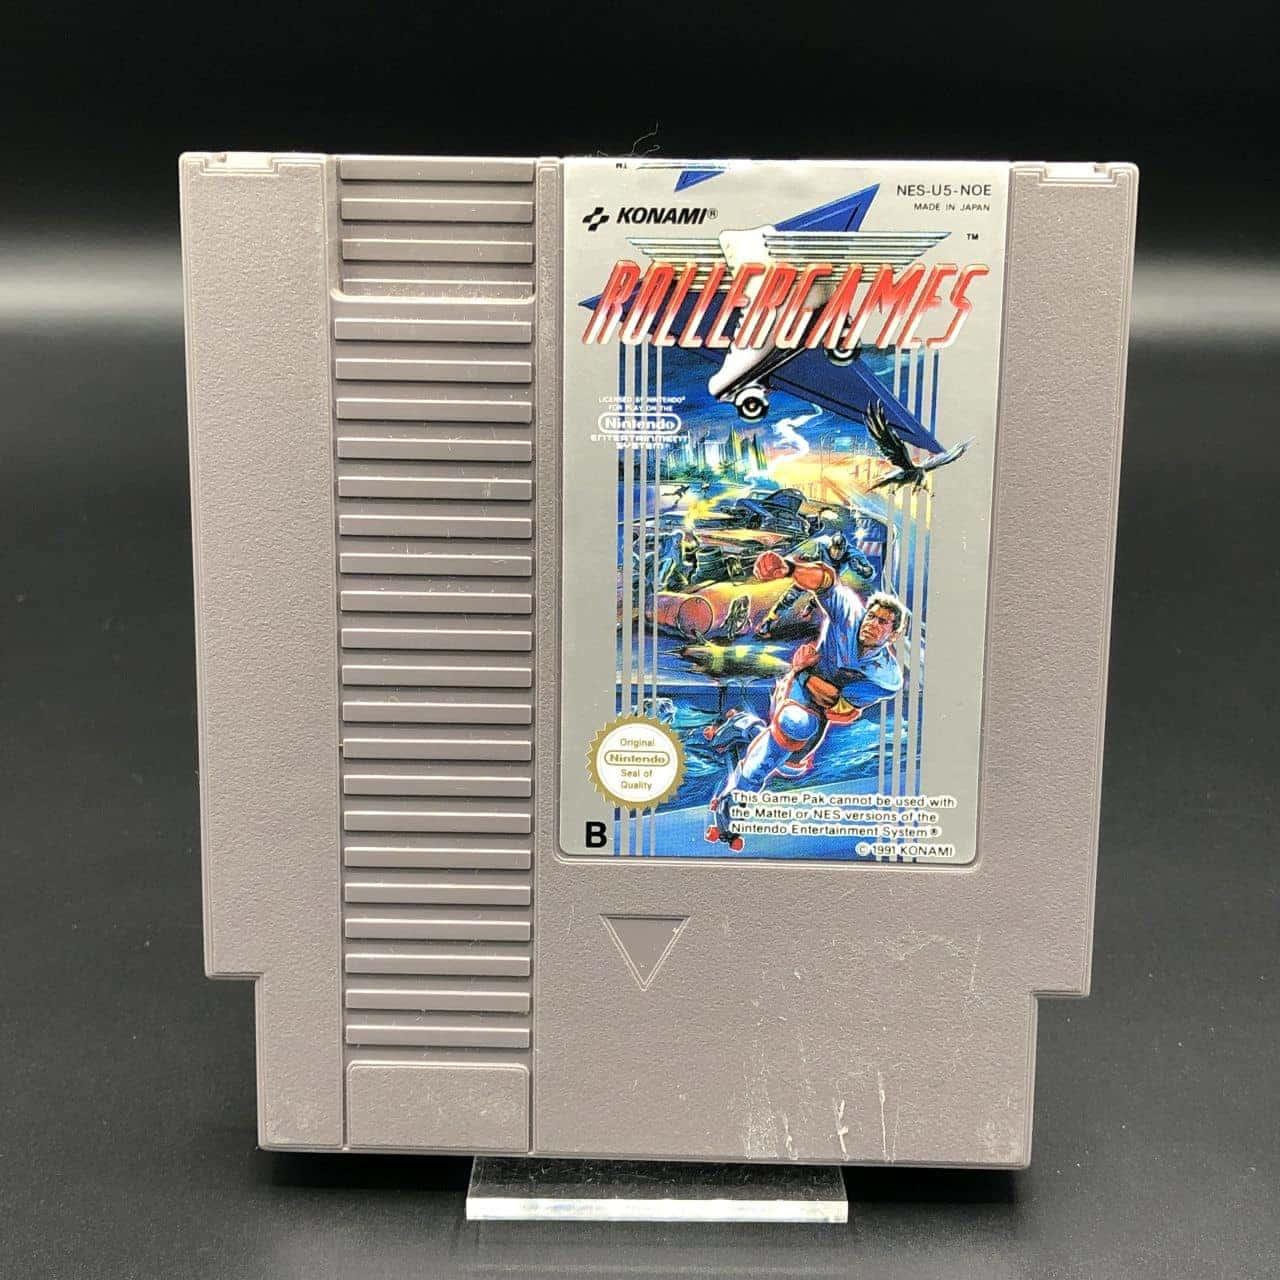 NES RollerGames (Modul) (Gebrauchsspuren) Nintendo Entertainment System